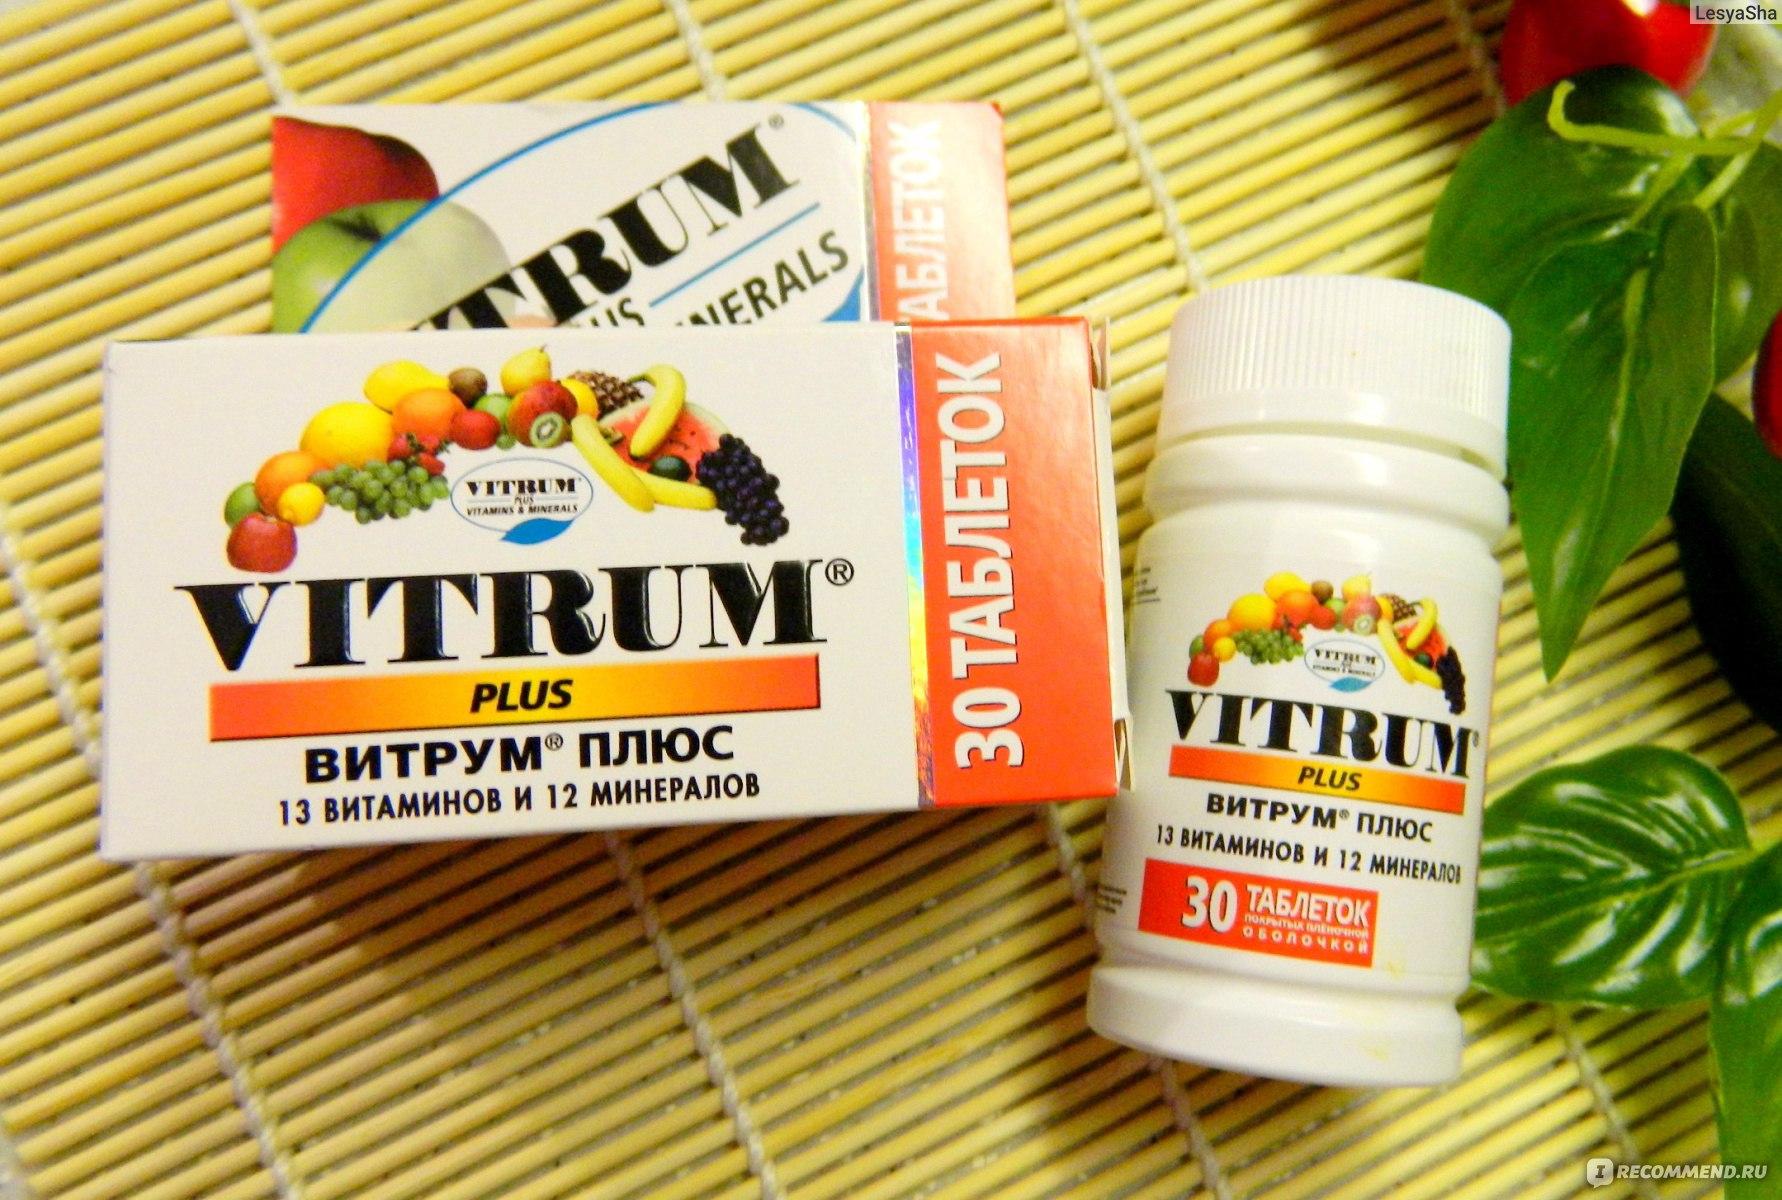 Витрум поможет похудеть